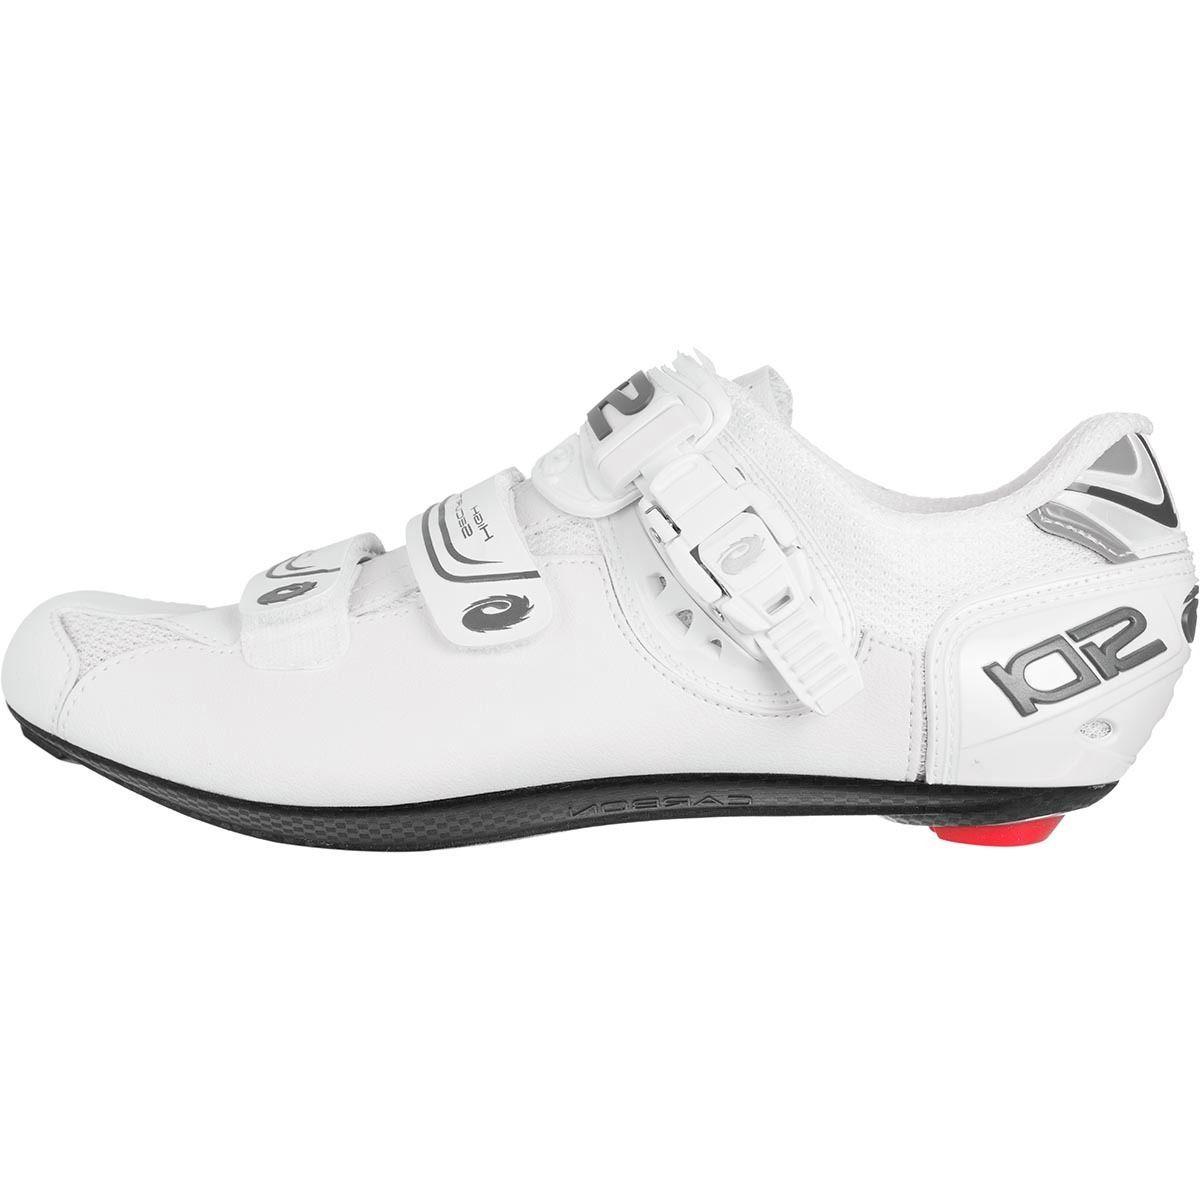 Sidi Genius Fit Cycling Shoe - Women's